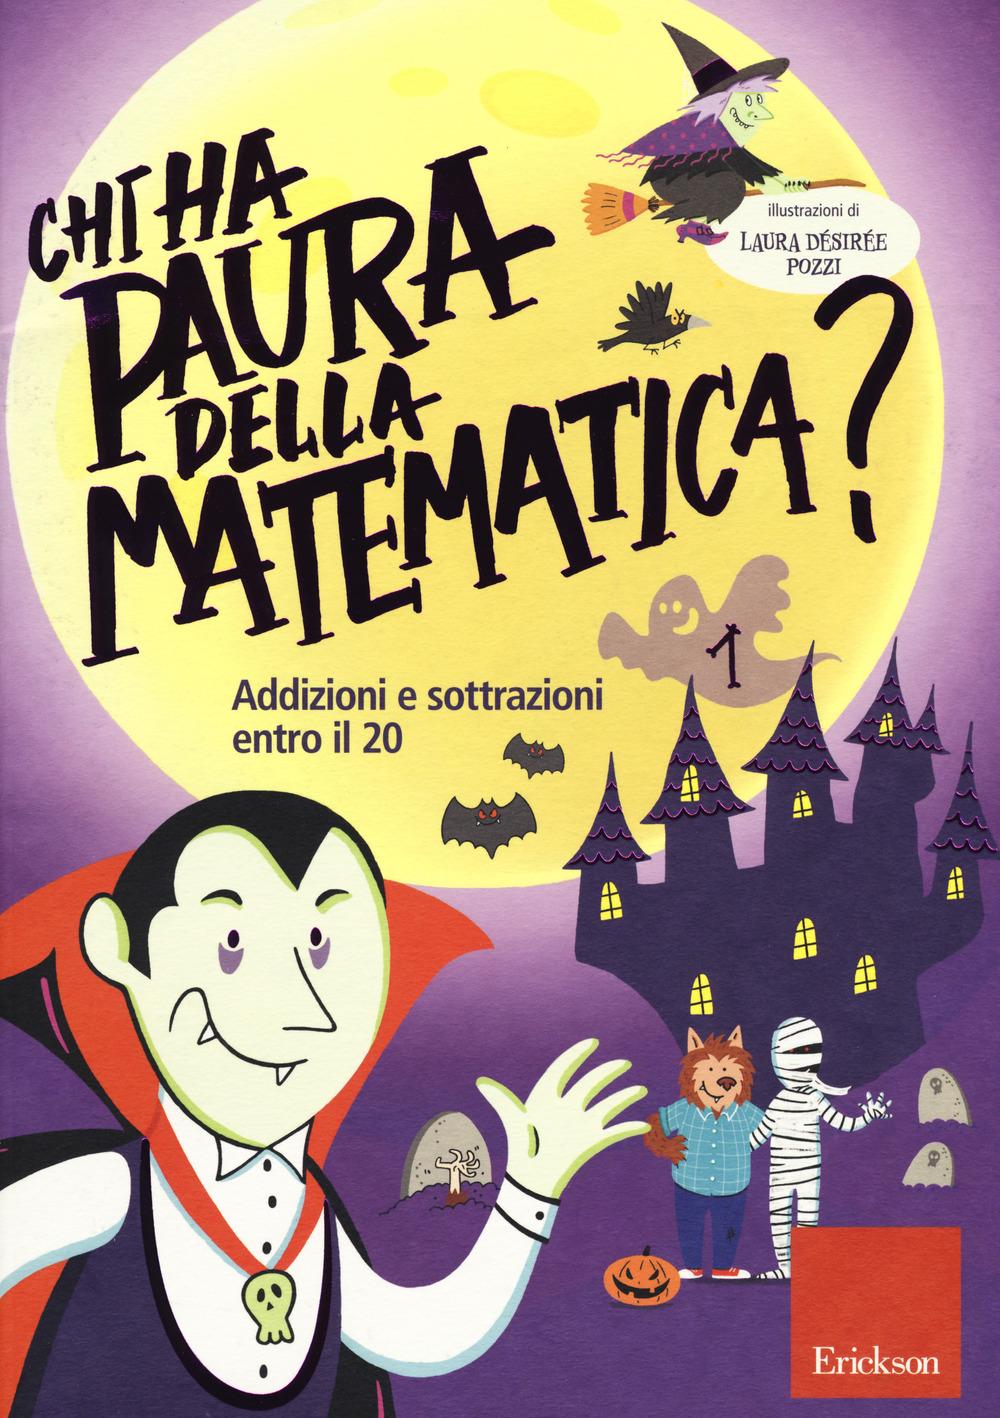 Chi ha paura della matematica? Ediz. a colori. Vol. 1: Addizioni e sottrazioni entro il 20